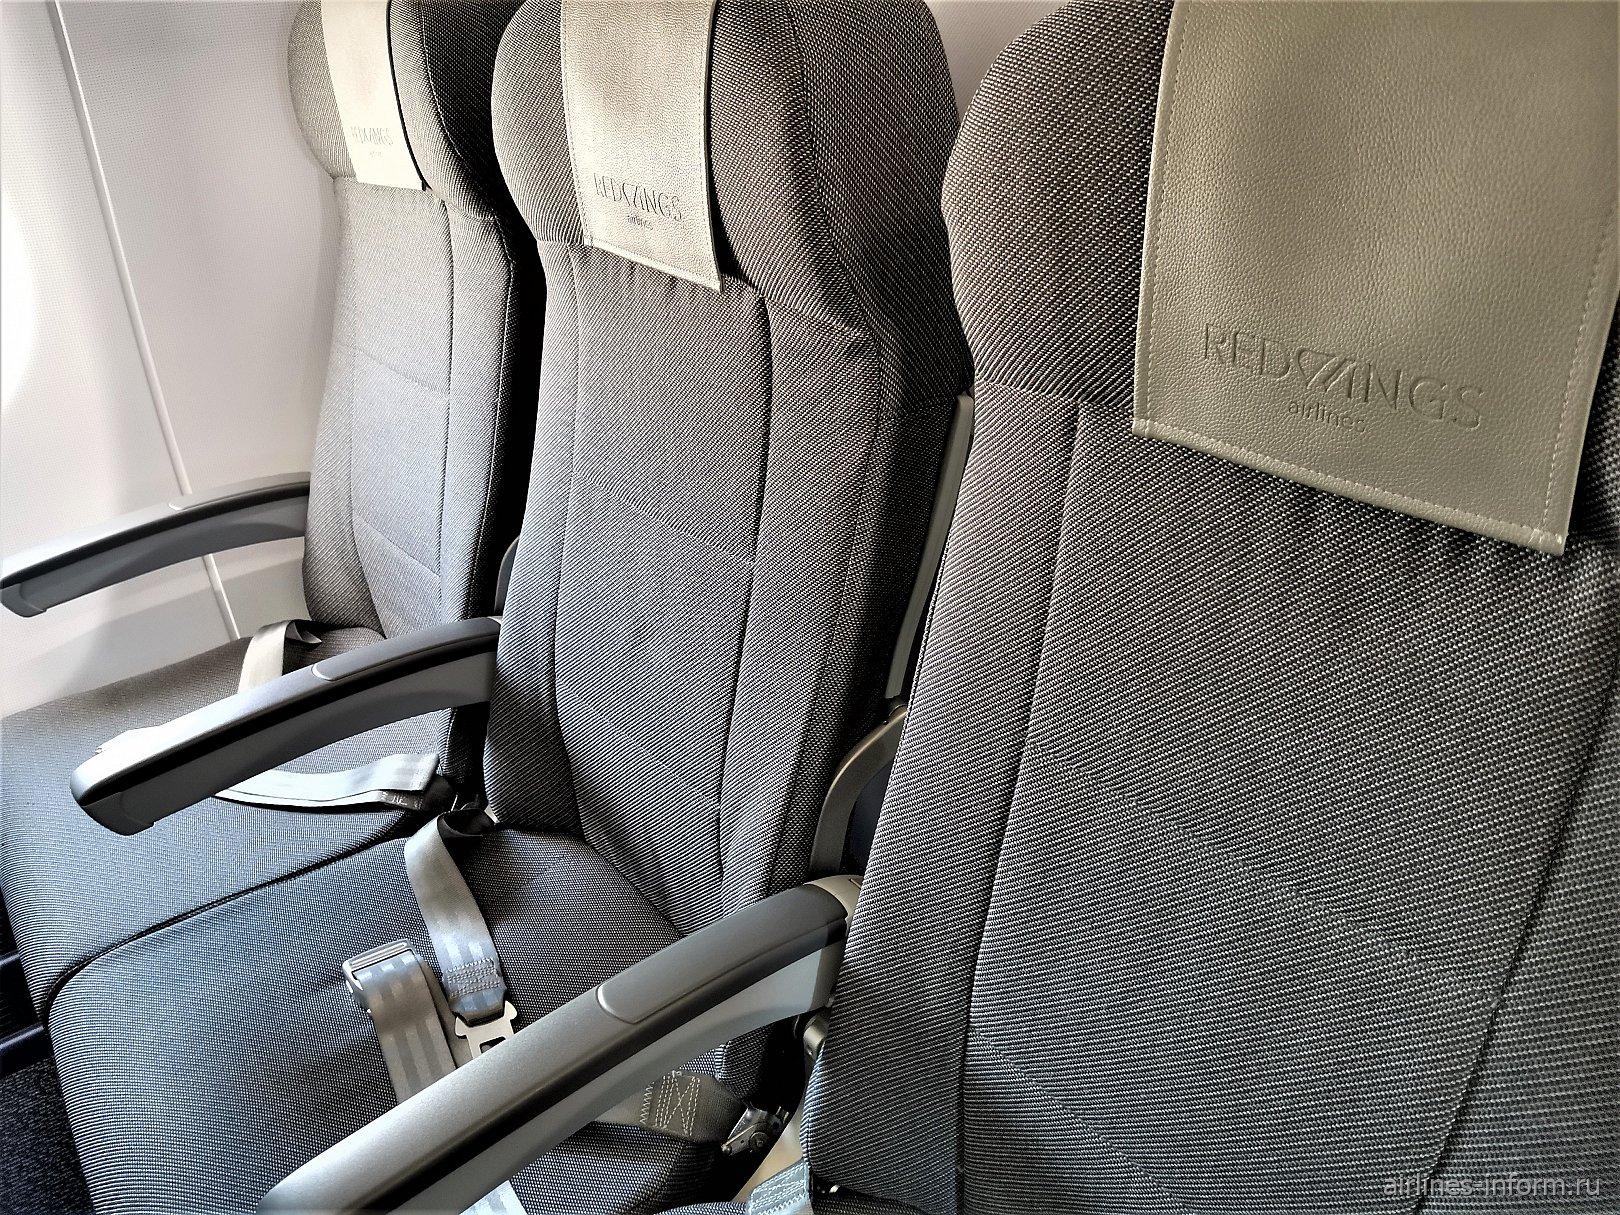 Пассажирские кресла в самолете Сухой Суперджет-100 авиакомпании Red Wings